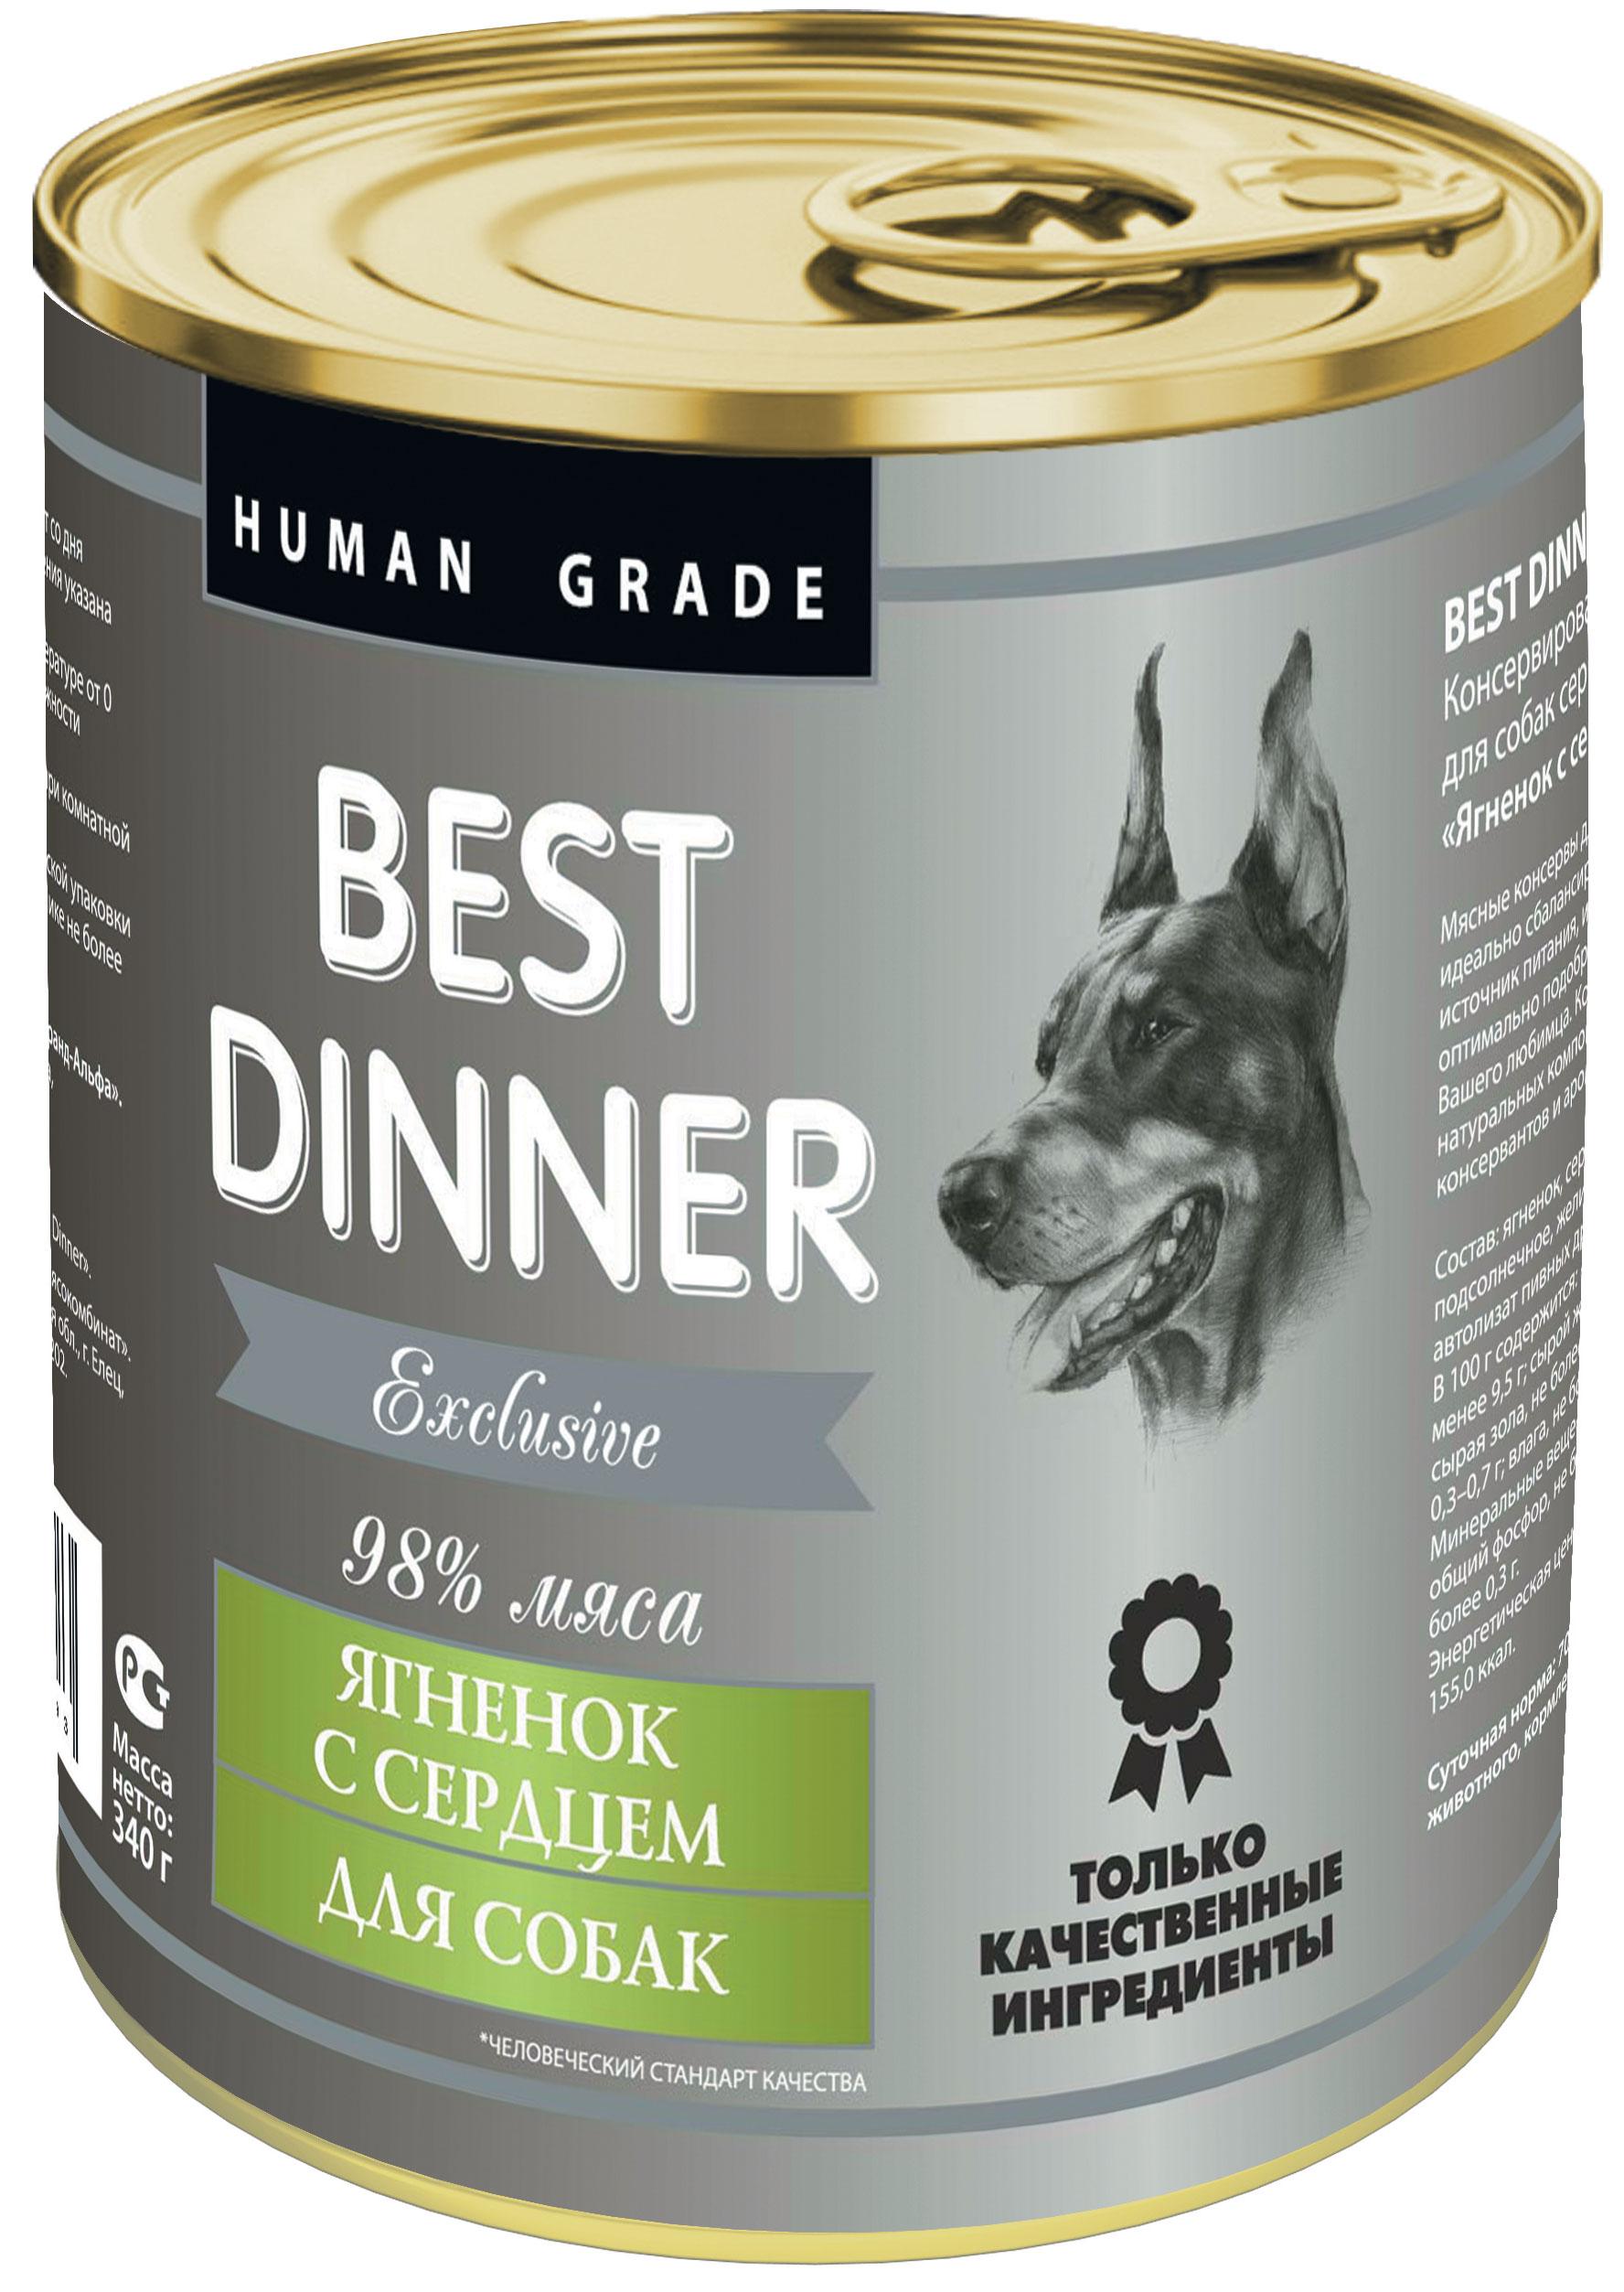 Консервы для собак Best Dinner Эксклюзив, с ягненком и сердцем, 340 г74020Мясные консервы для собак Best Dinner – идеально сбалансированный, полноценный источник питания, ингредиенты которого оптимально подобраны исходя из нужд Вашего любимца. Корм изготовлен из натуральных компонентов без красителей, консервантов и ароматизаторов. Состав: ягненок, сердце, масло подсолнечное, желирующая добавка, соль, автолизат пивных дрожжей, вода питьевая. В 100 г содержится: сырой протеин, не менее 9,5 г; сырой жир, не более 13,0 г; сырая зола, не более 2,0 г; поваренная соль 0,3–0,7 г; влага, не более 85 %. Минеральные вещества в 100 г продукта: общий фосфор, не более 0,5 г; кальций, не более 0,3 г. Энергетическая ценность 100 г продукта: 155,0 ккал. Условия хранения: при температуре от 0 до 25 °C и относительной влажности воздуха не более 75 %. Рекомендуется употреблять при комнатной температуре. После вскрытия потребительской упаковки продукт хранить в холодильнике не более 2 суток. Суточная норма: 70–90 г на 1 кг веса животного,...